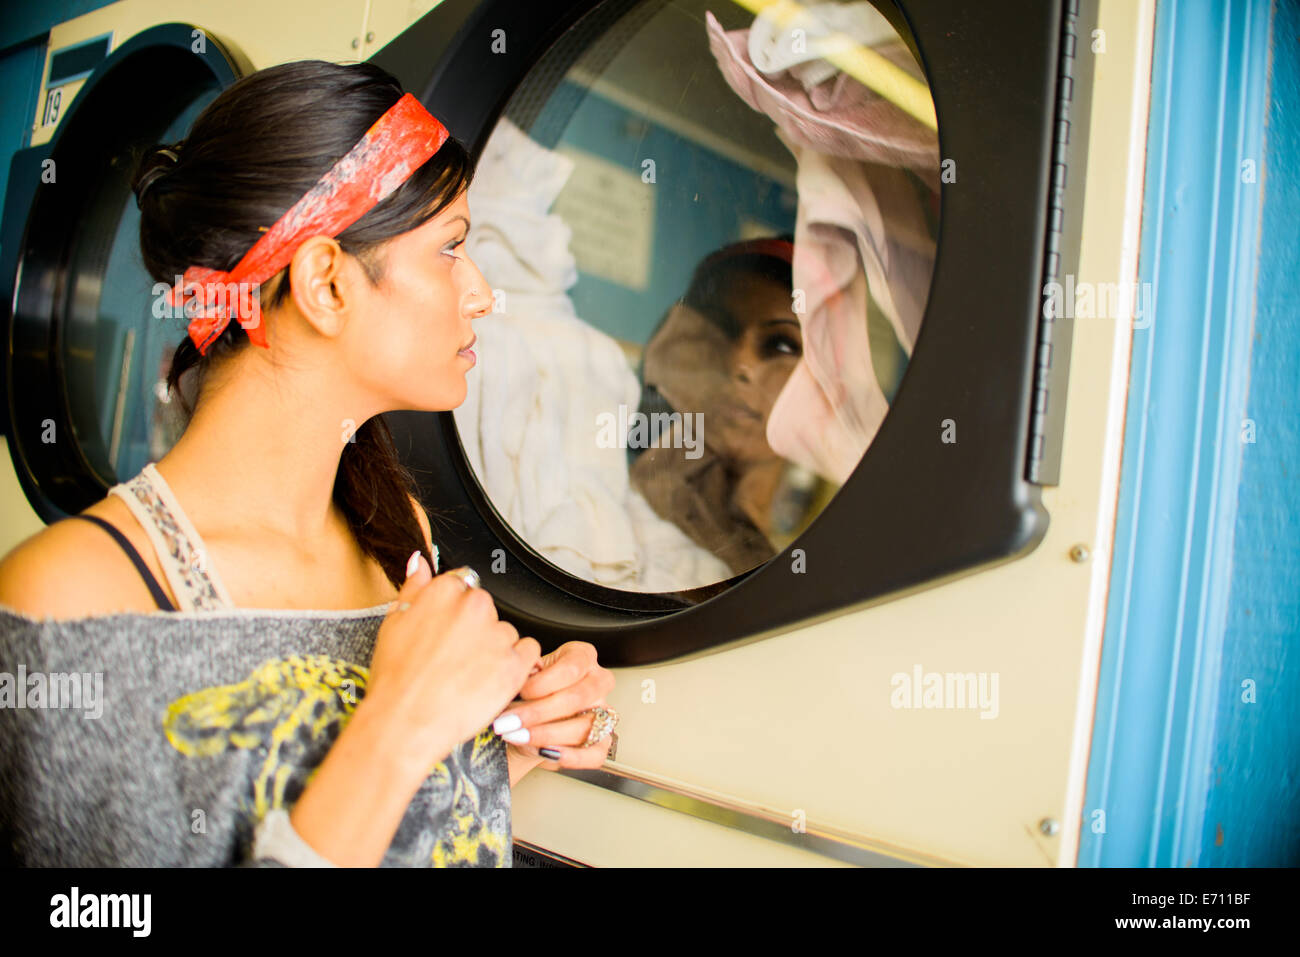 Junge Frau im Waschsalon, waschen in der Maschine zu beobachten Stockbild